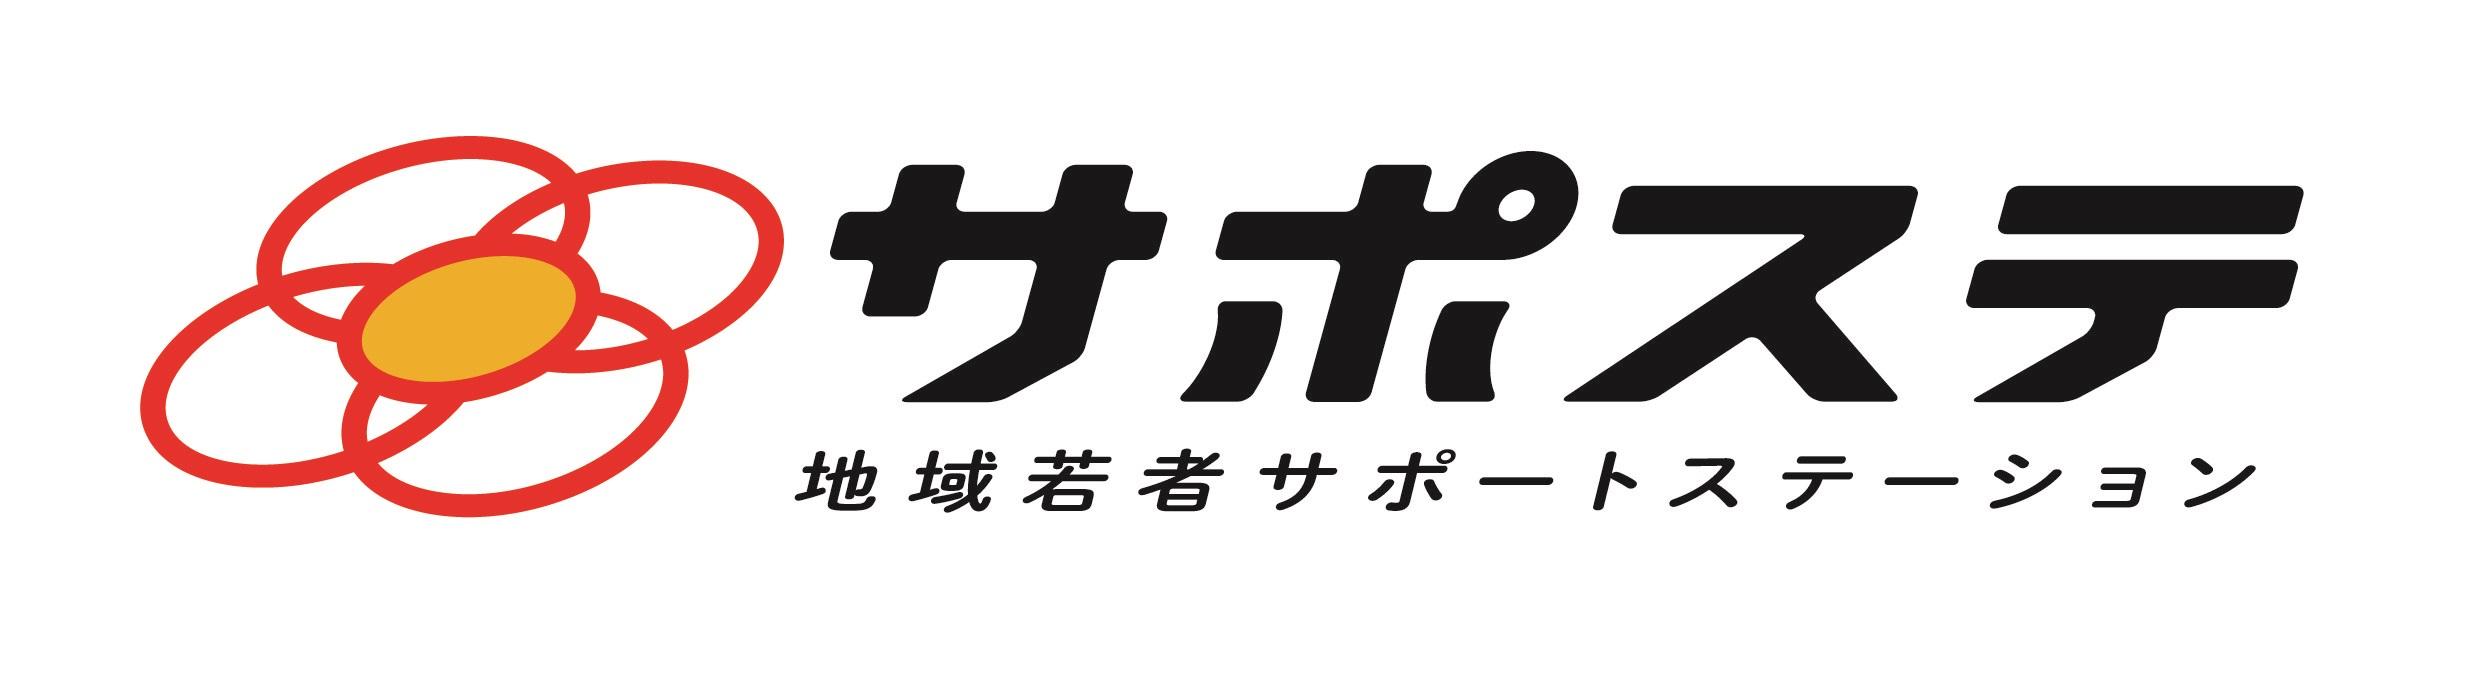 saposute-logo.jpg